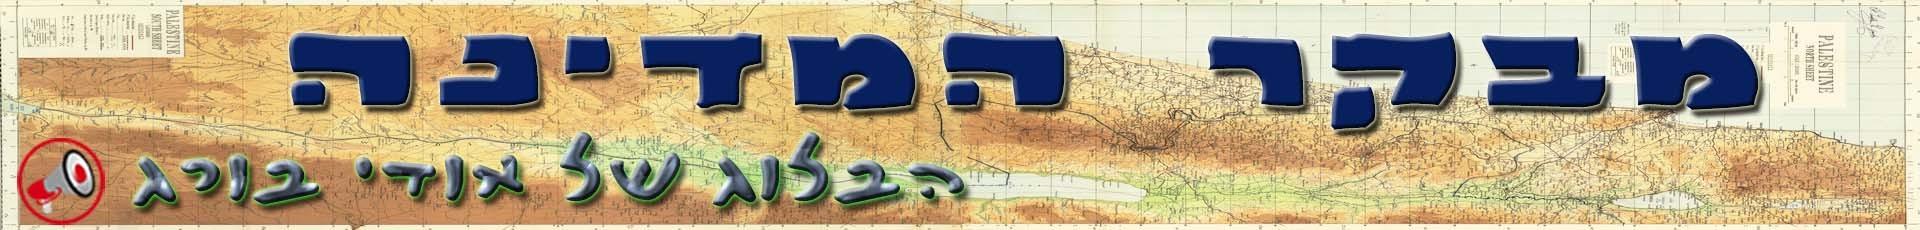 cropped-Logo-new-9-mevaker.jpg